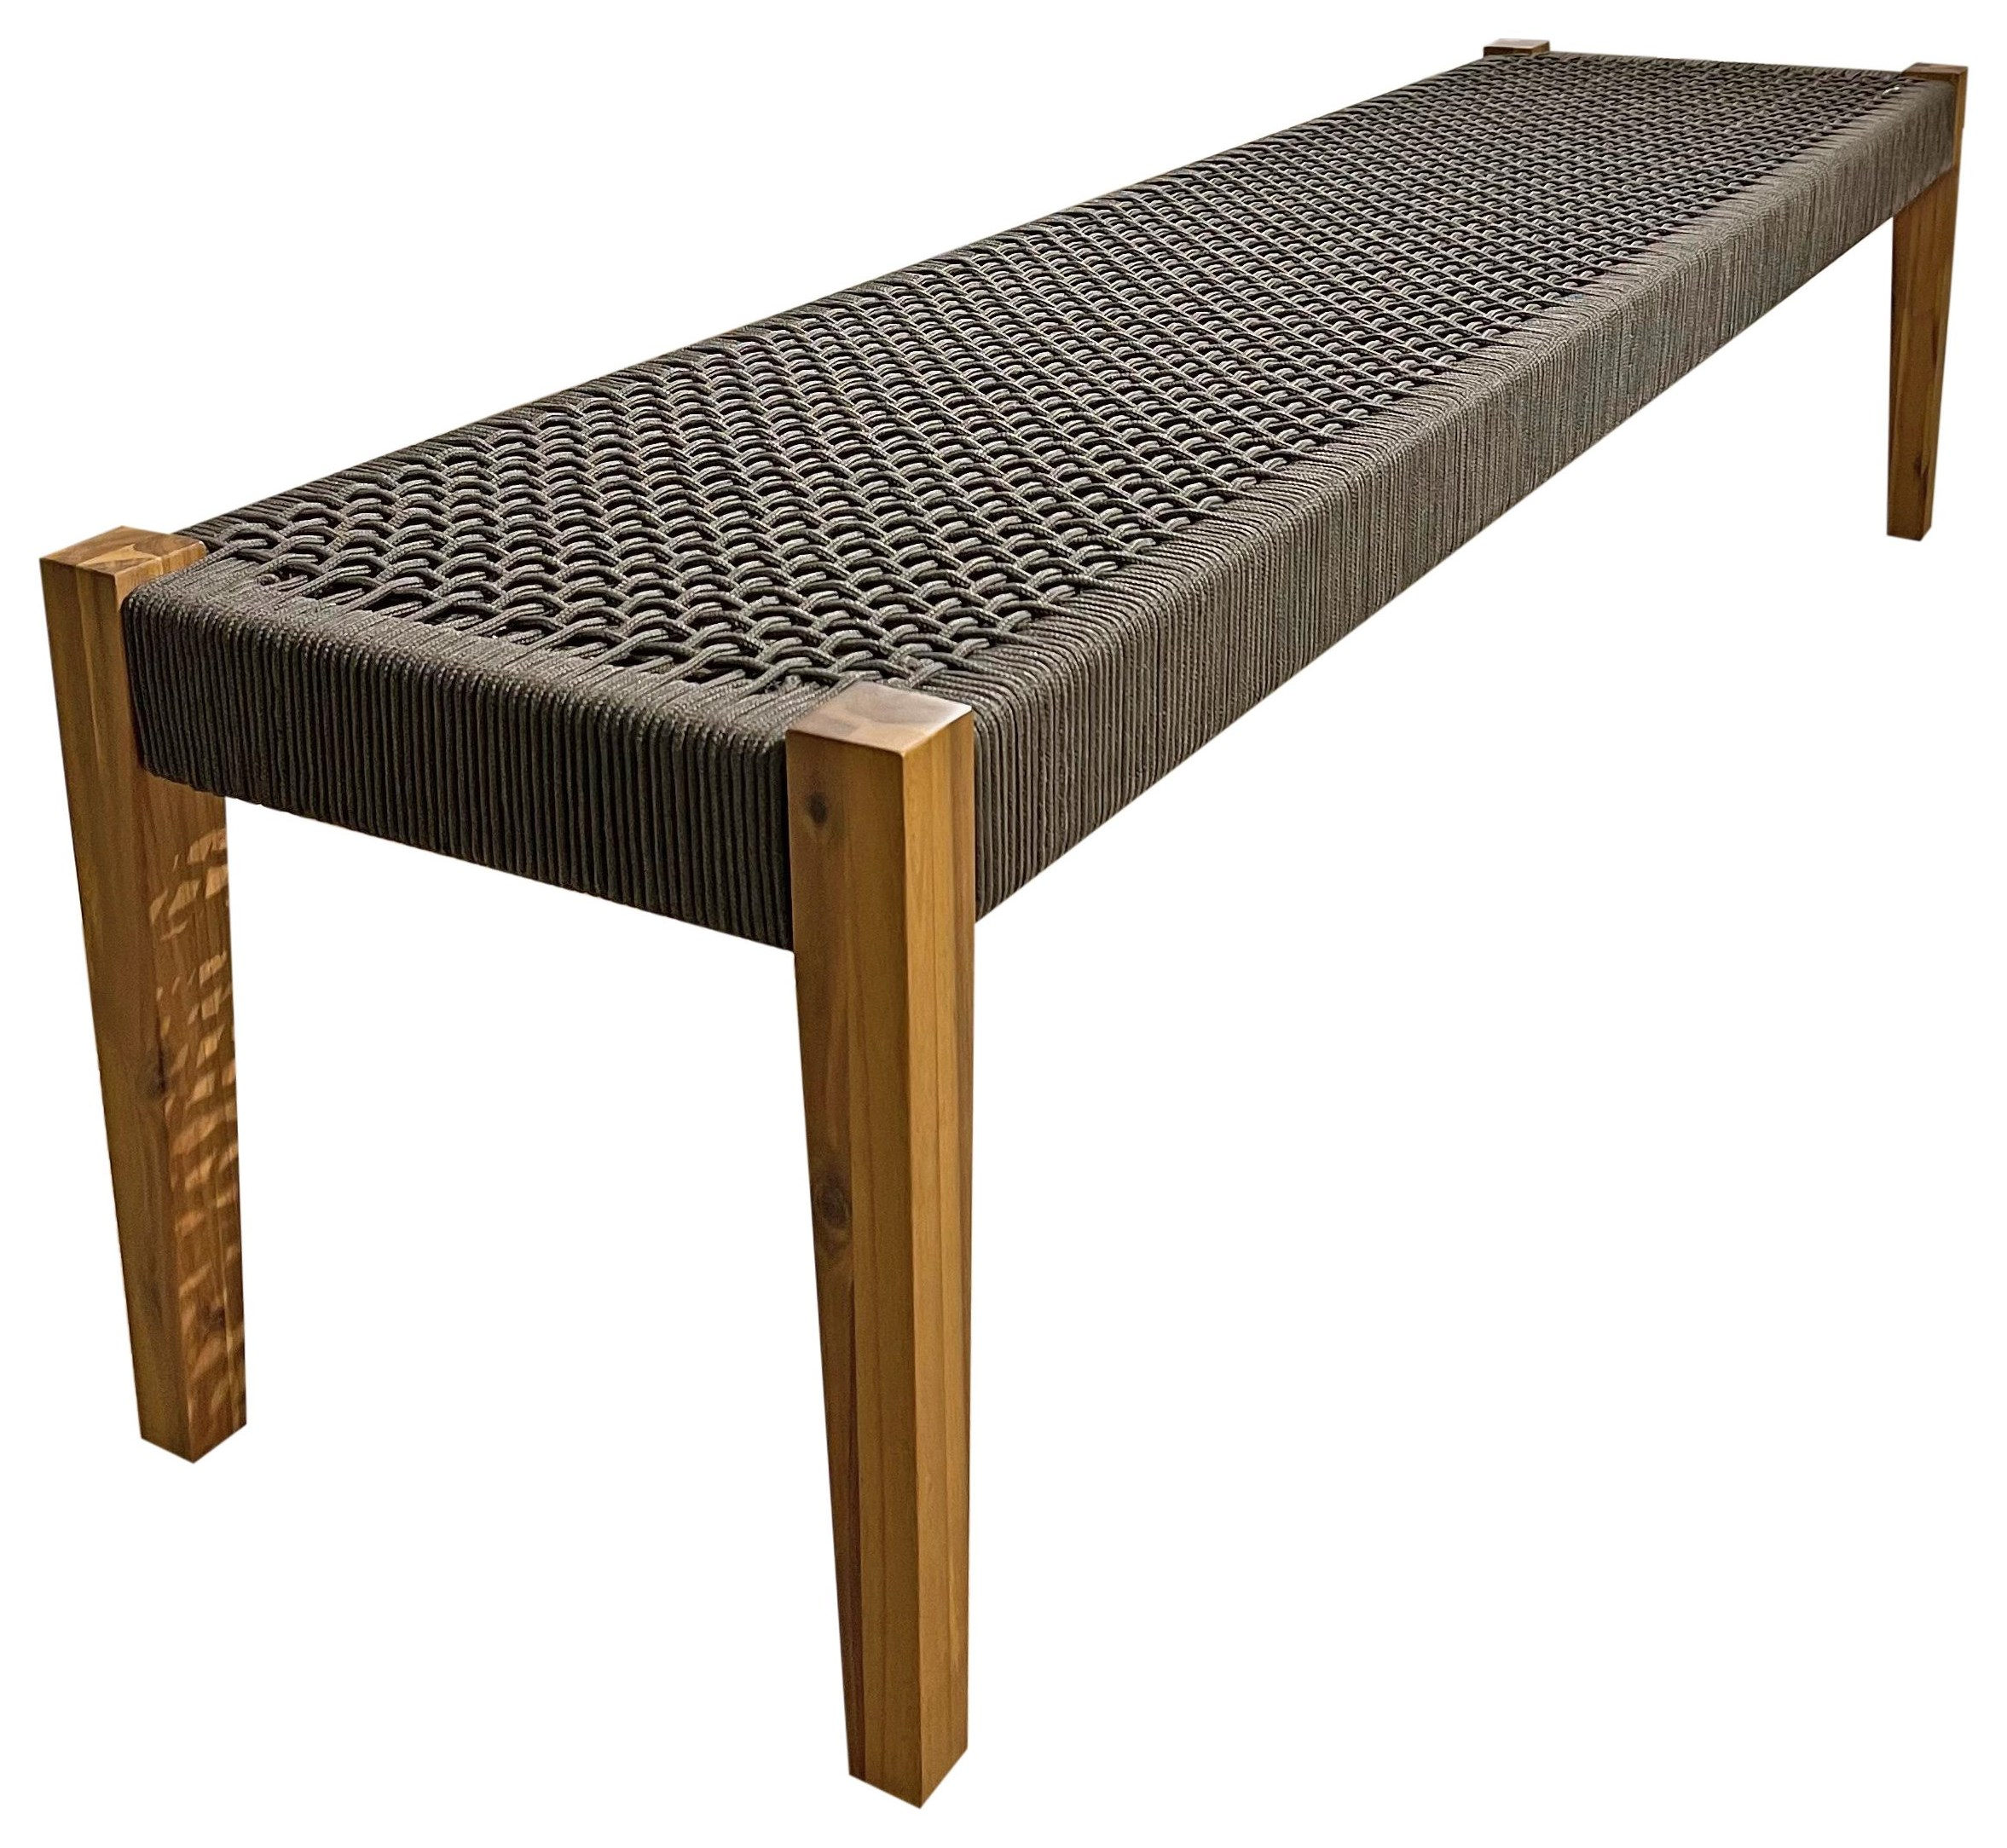 Sienna Bench by Design Evolution at HomeWorld Furniture